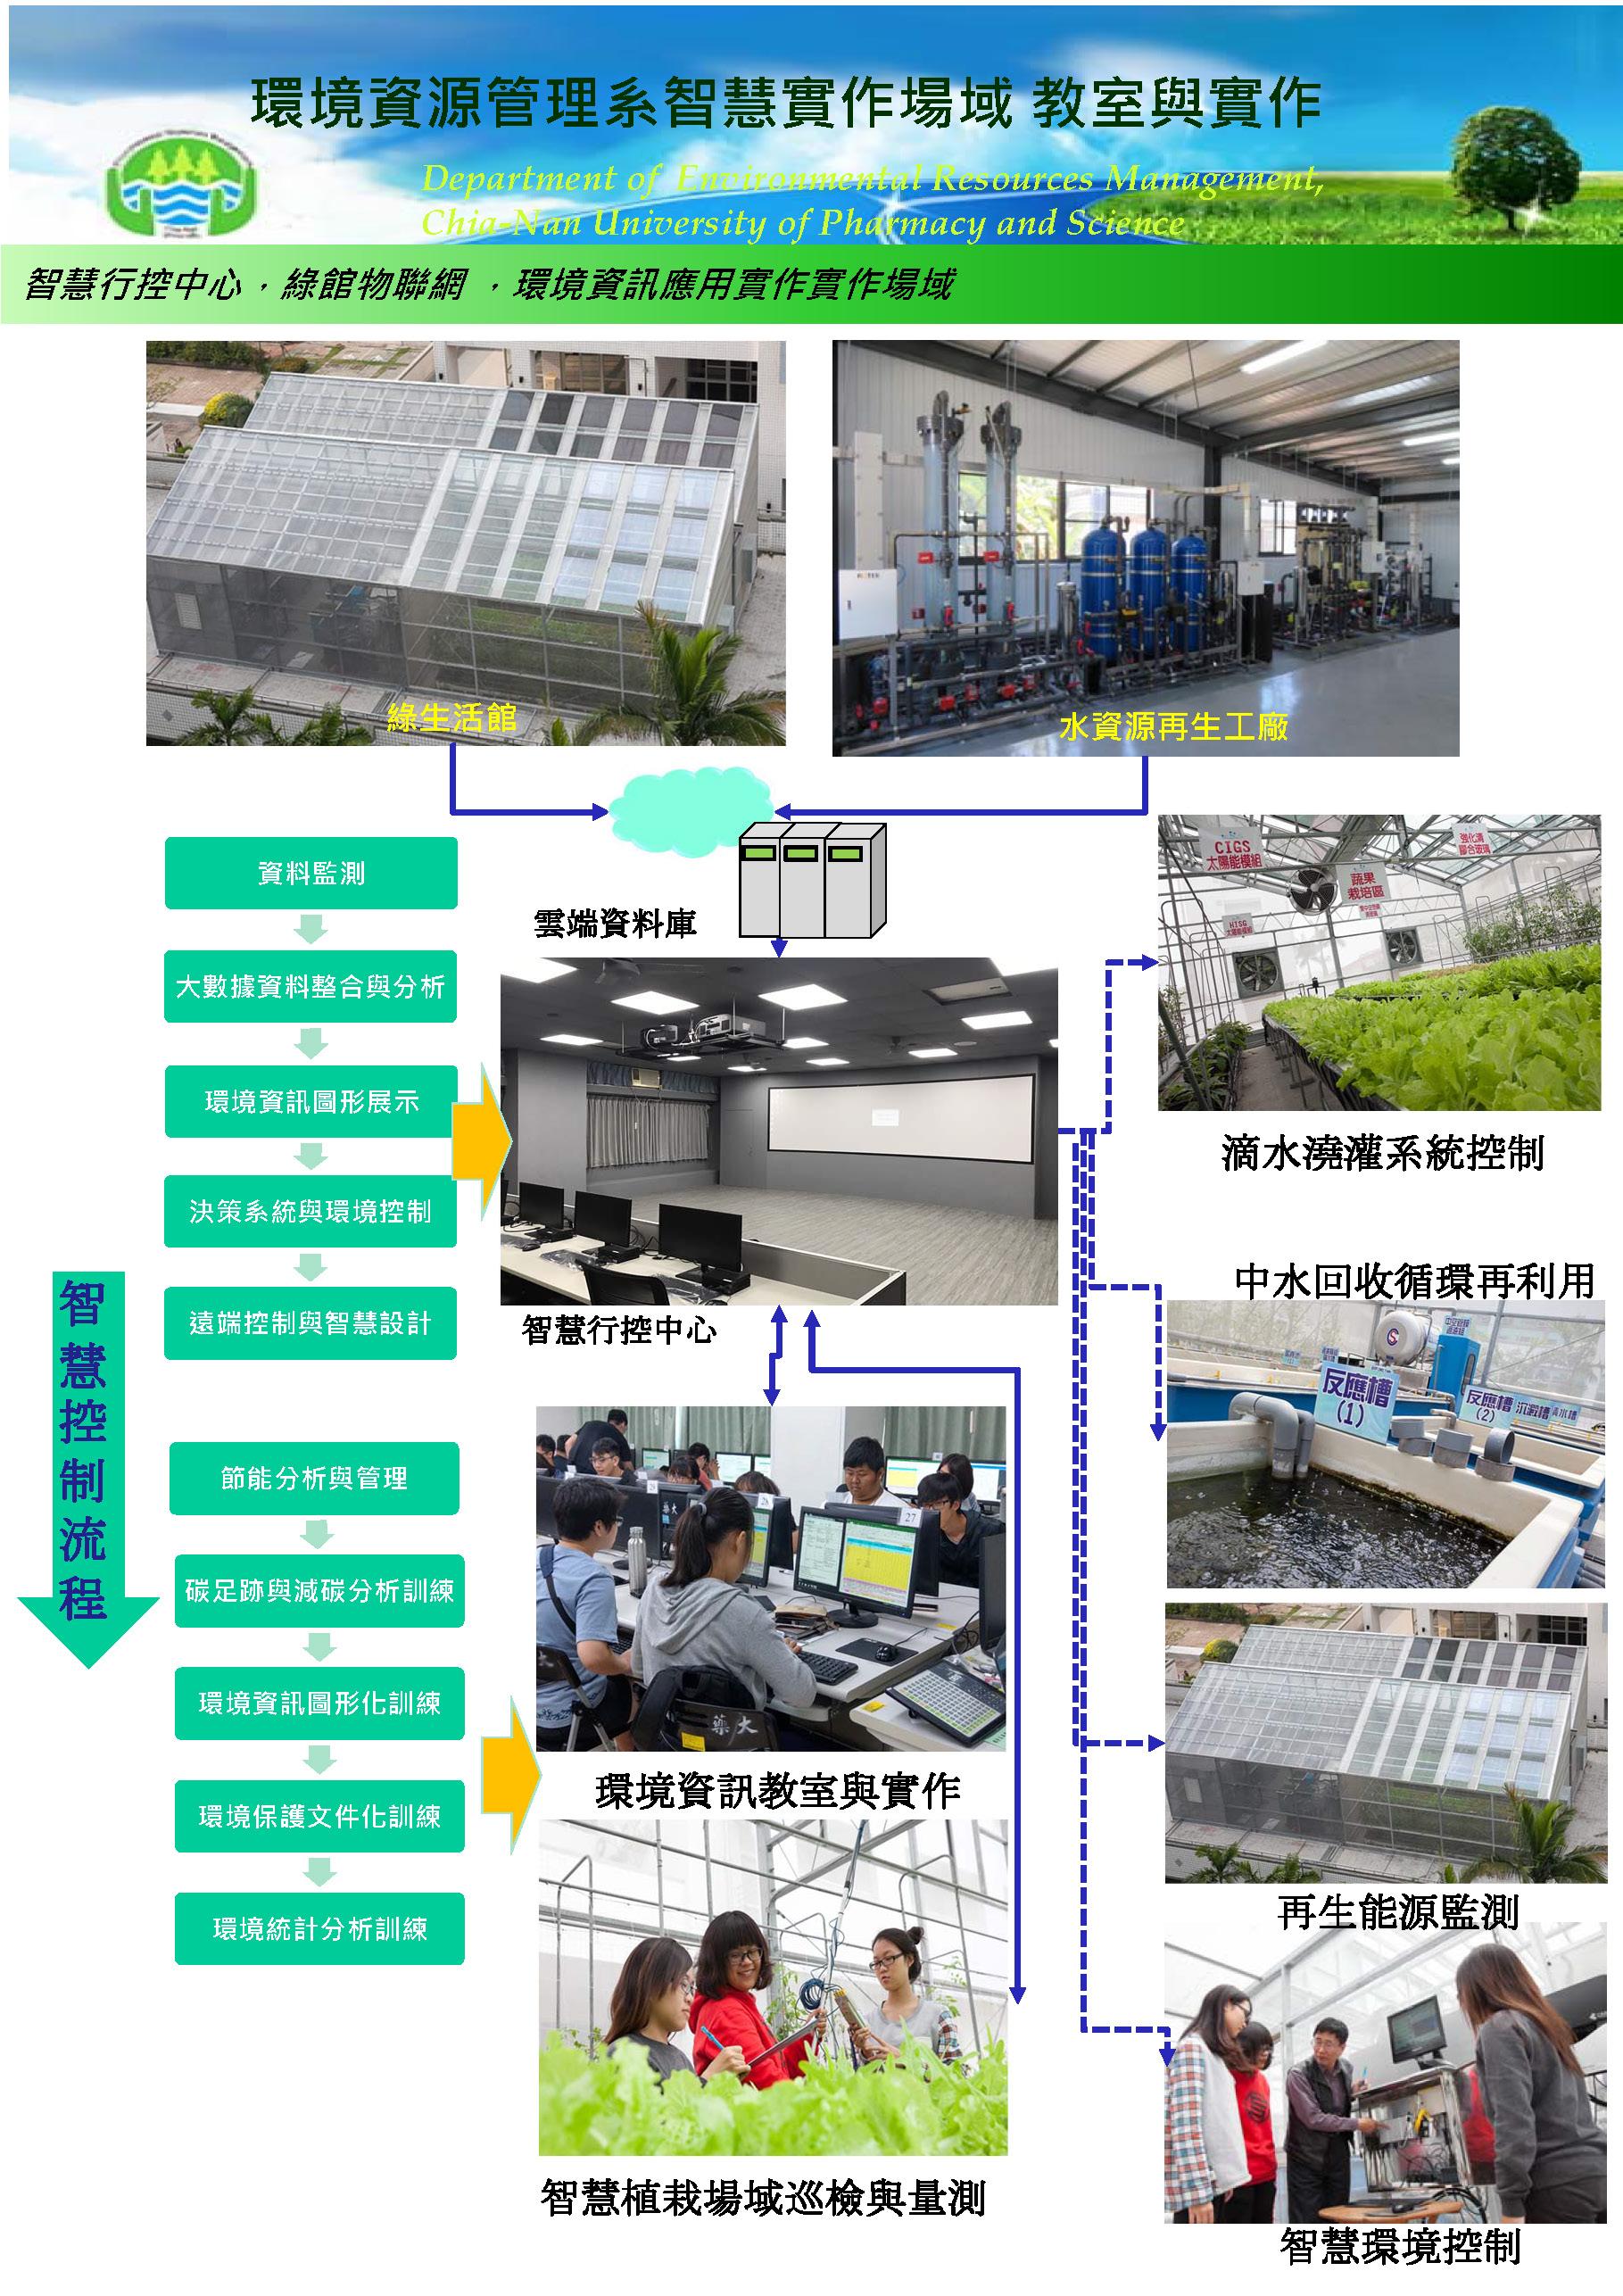 06實作場域教室與實作2021